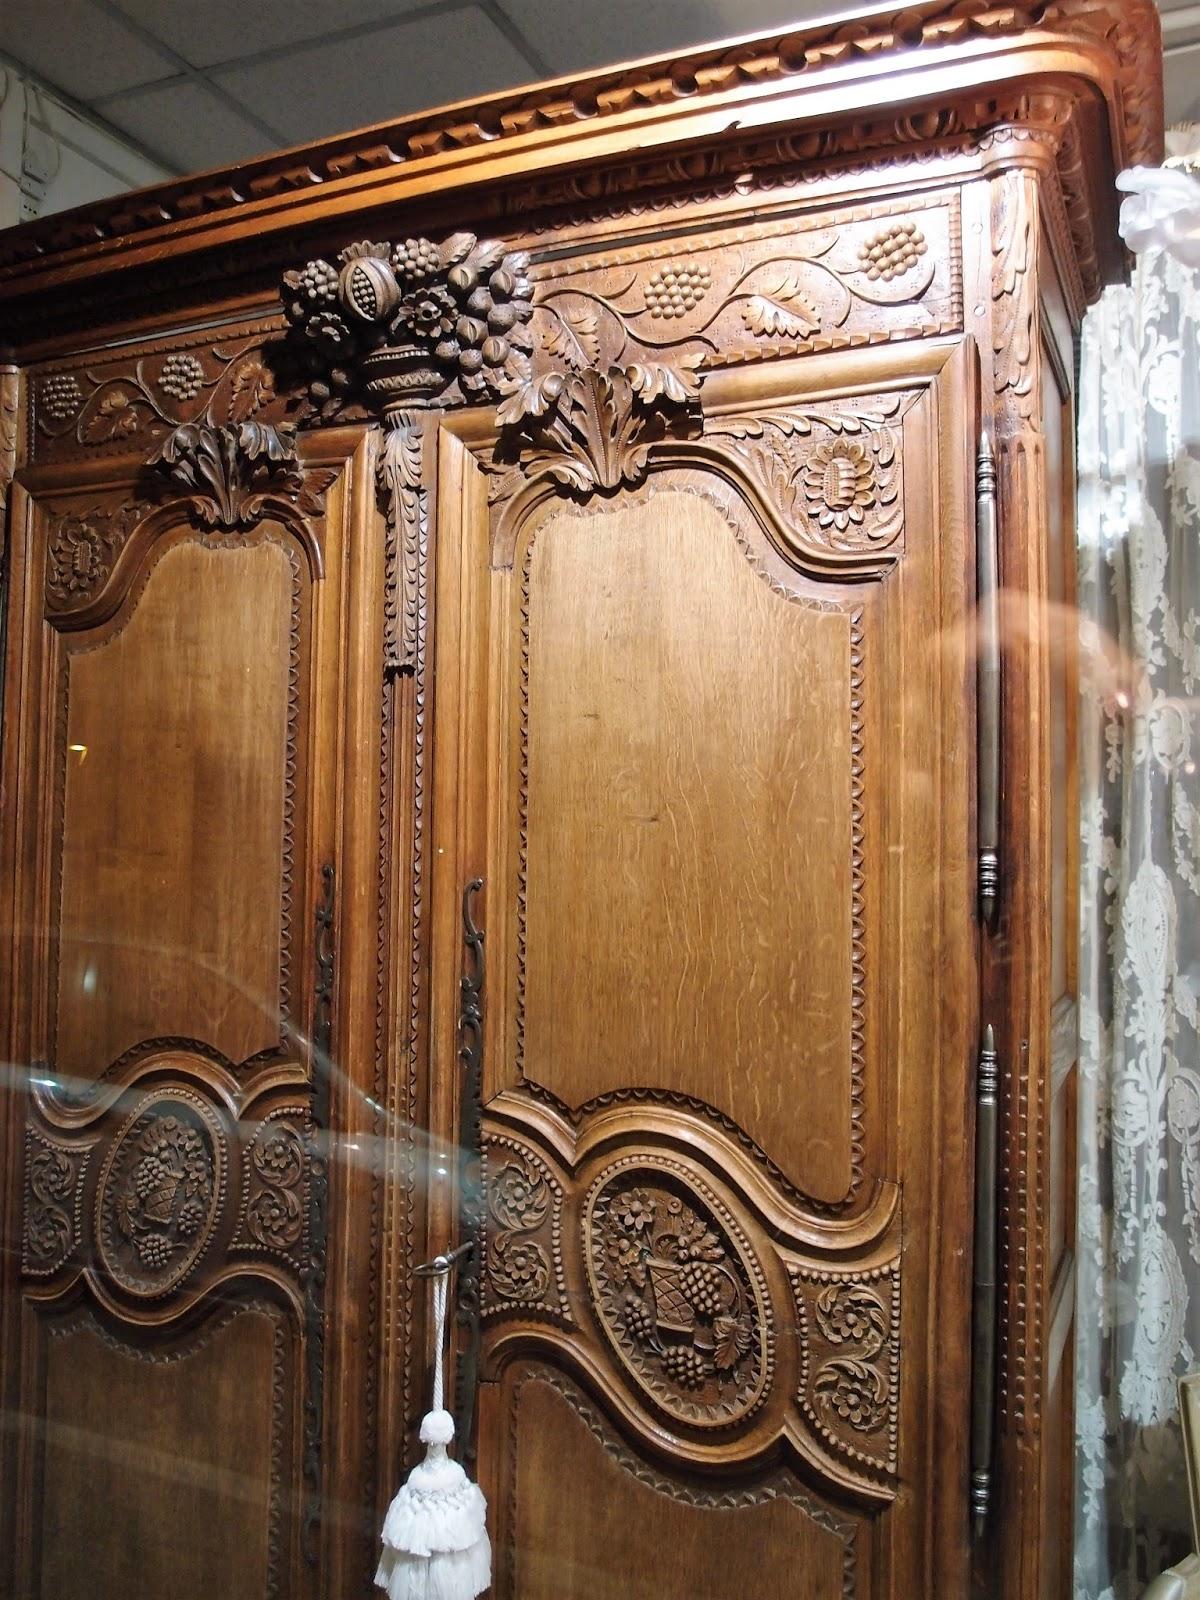 Piccola storia romantica dell 39 armoire du mariage for La casa di stile dell artigiano progetta una storia